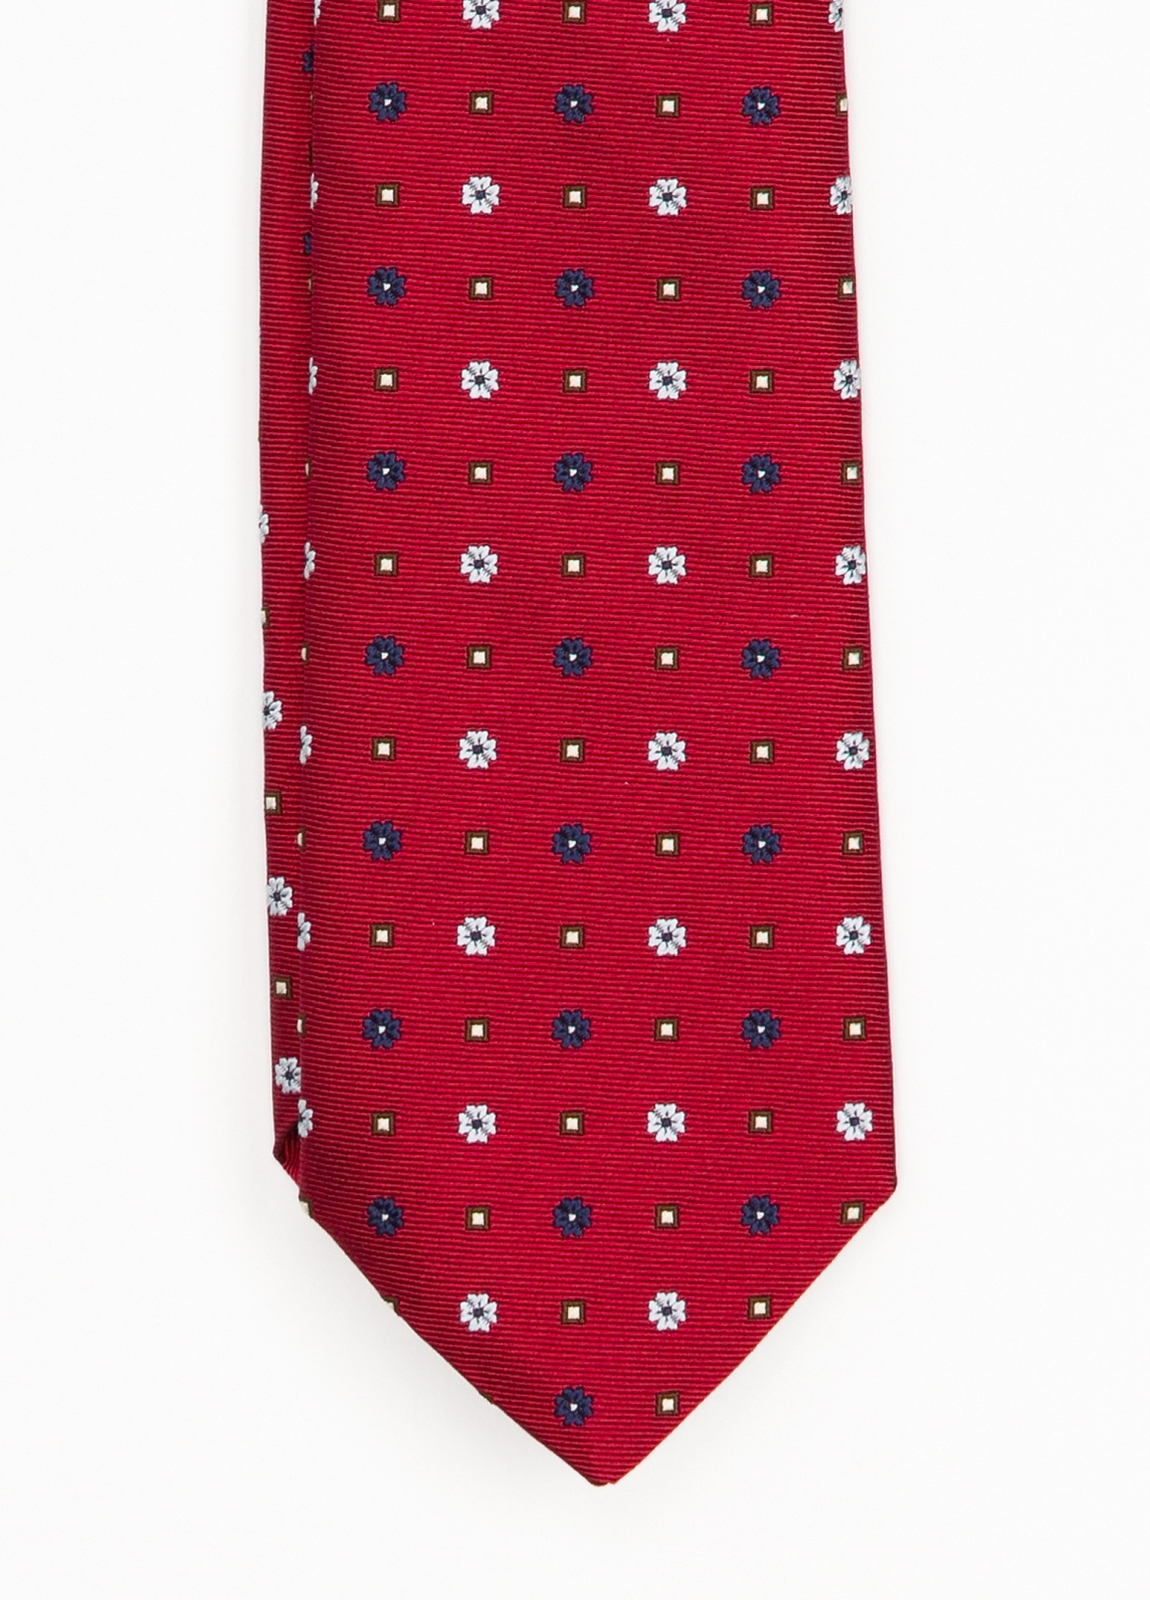 Corbata Formal Wear estampado flores, color rojo. Pala 7,5 cm. 62% Seda 38% Algodón.